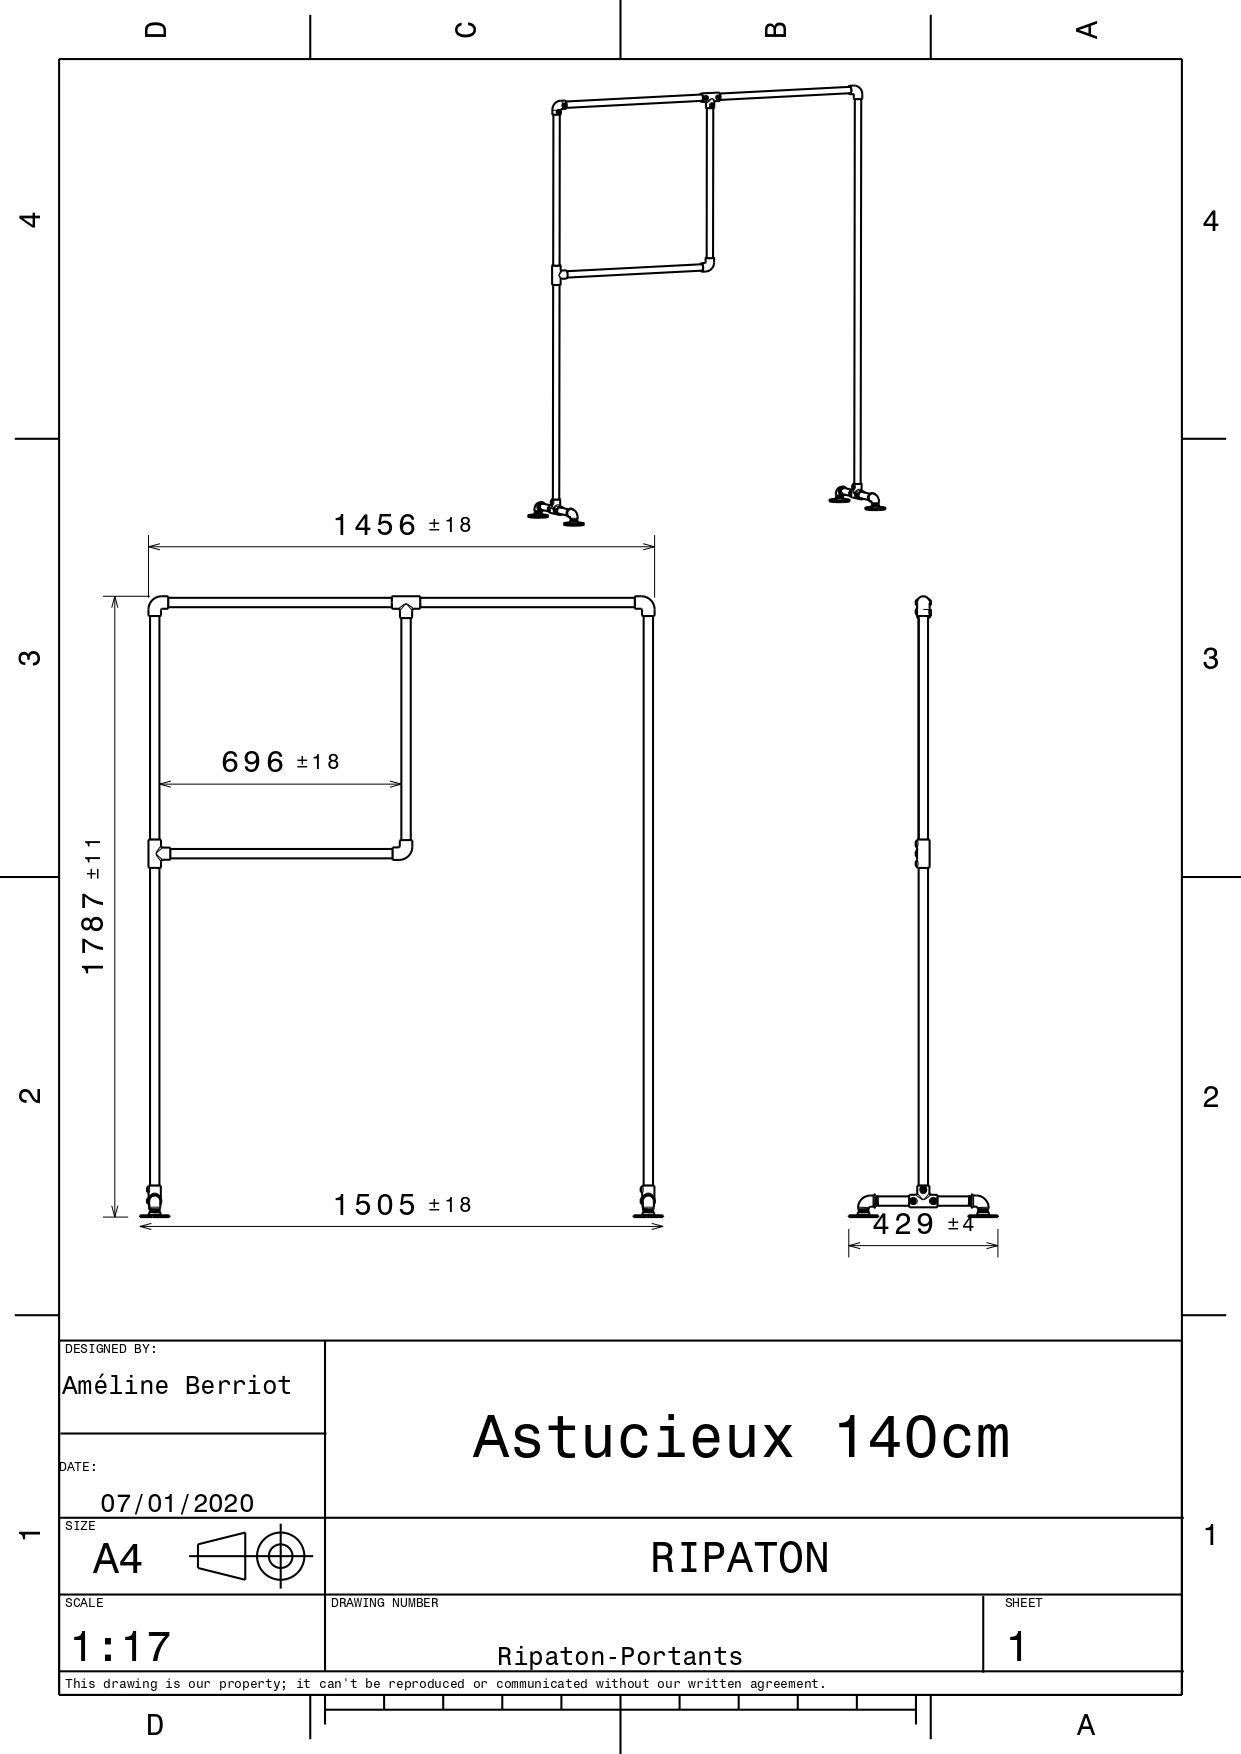 Plan technique pour l'astucieux en 146 cm